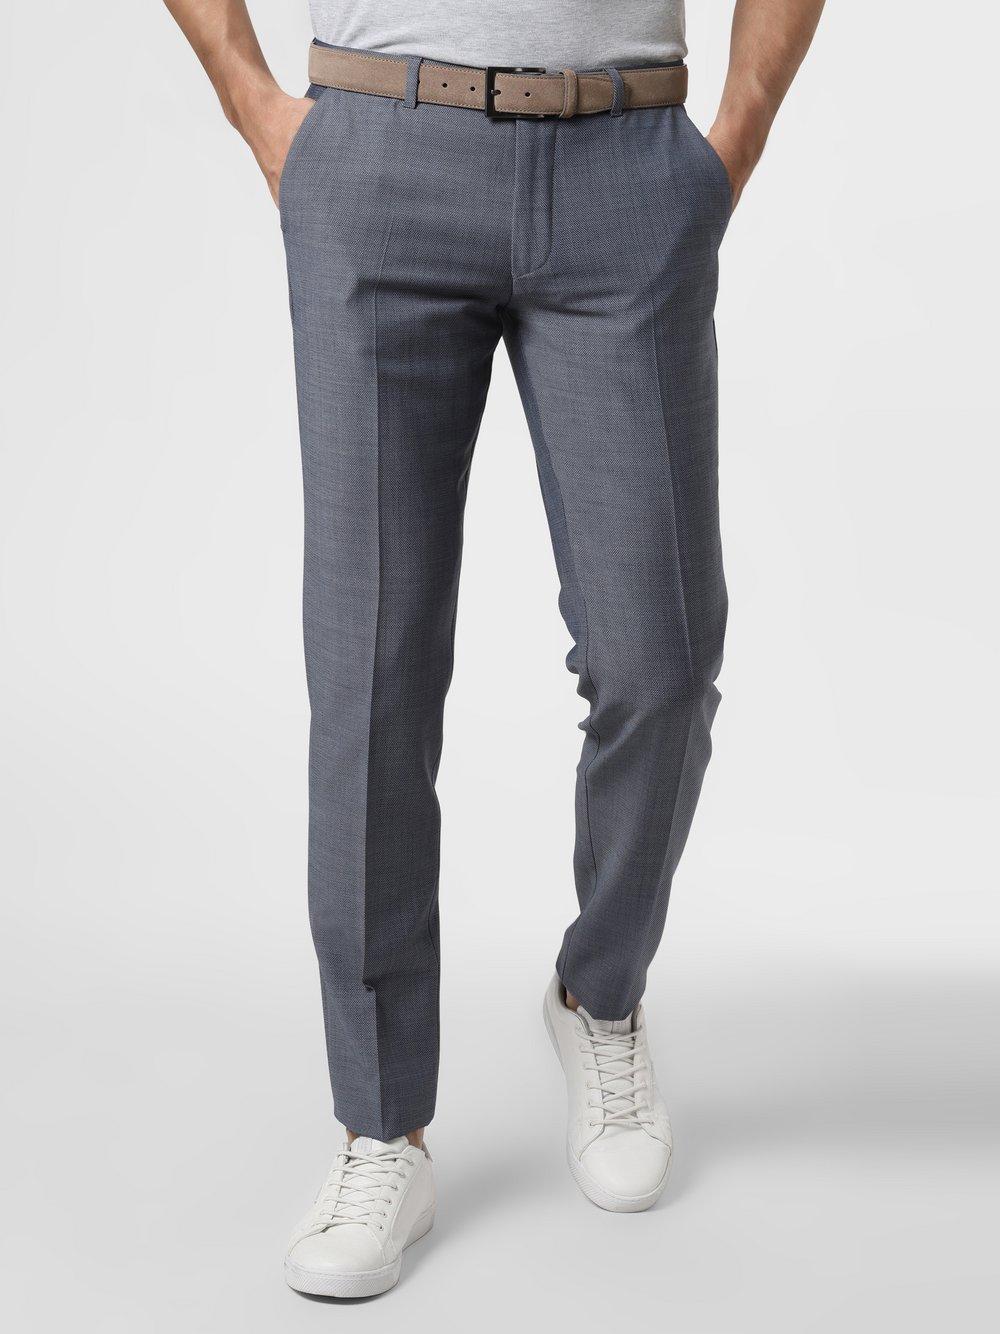 Drykorn - Męskie spodnie od garnituru modułowego – Foot, niebieski